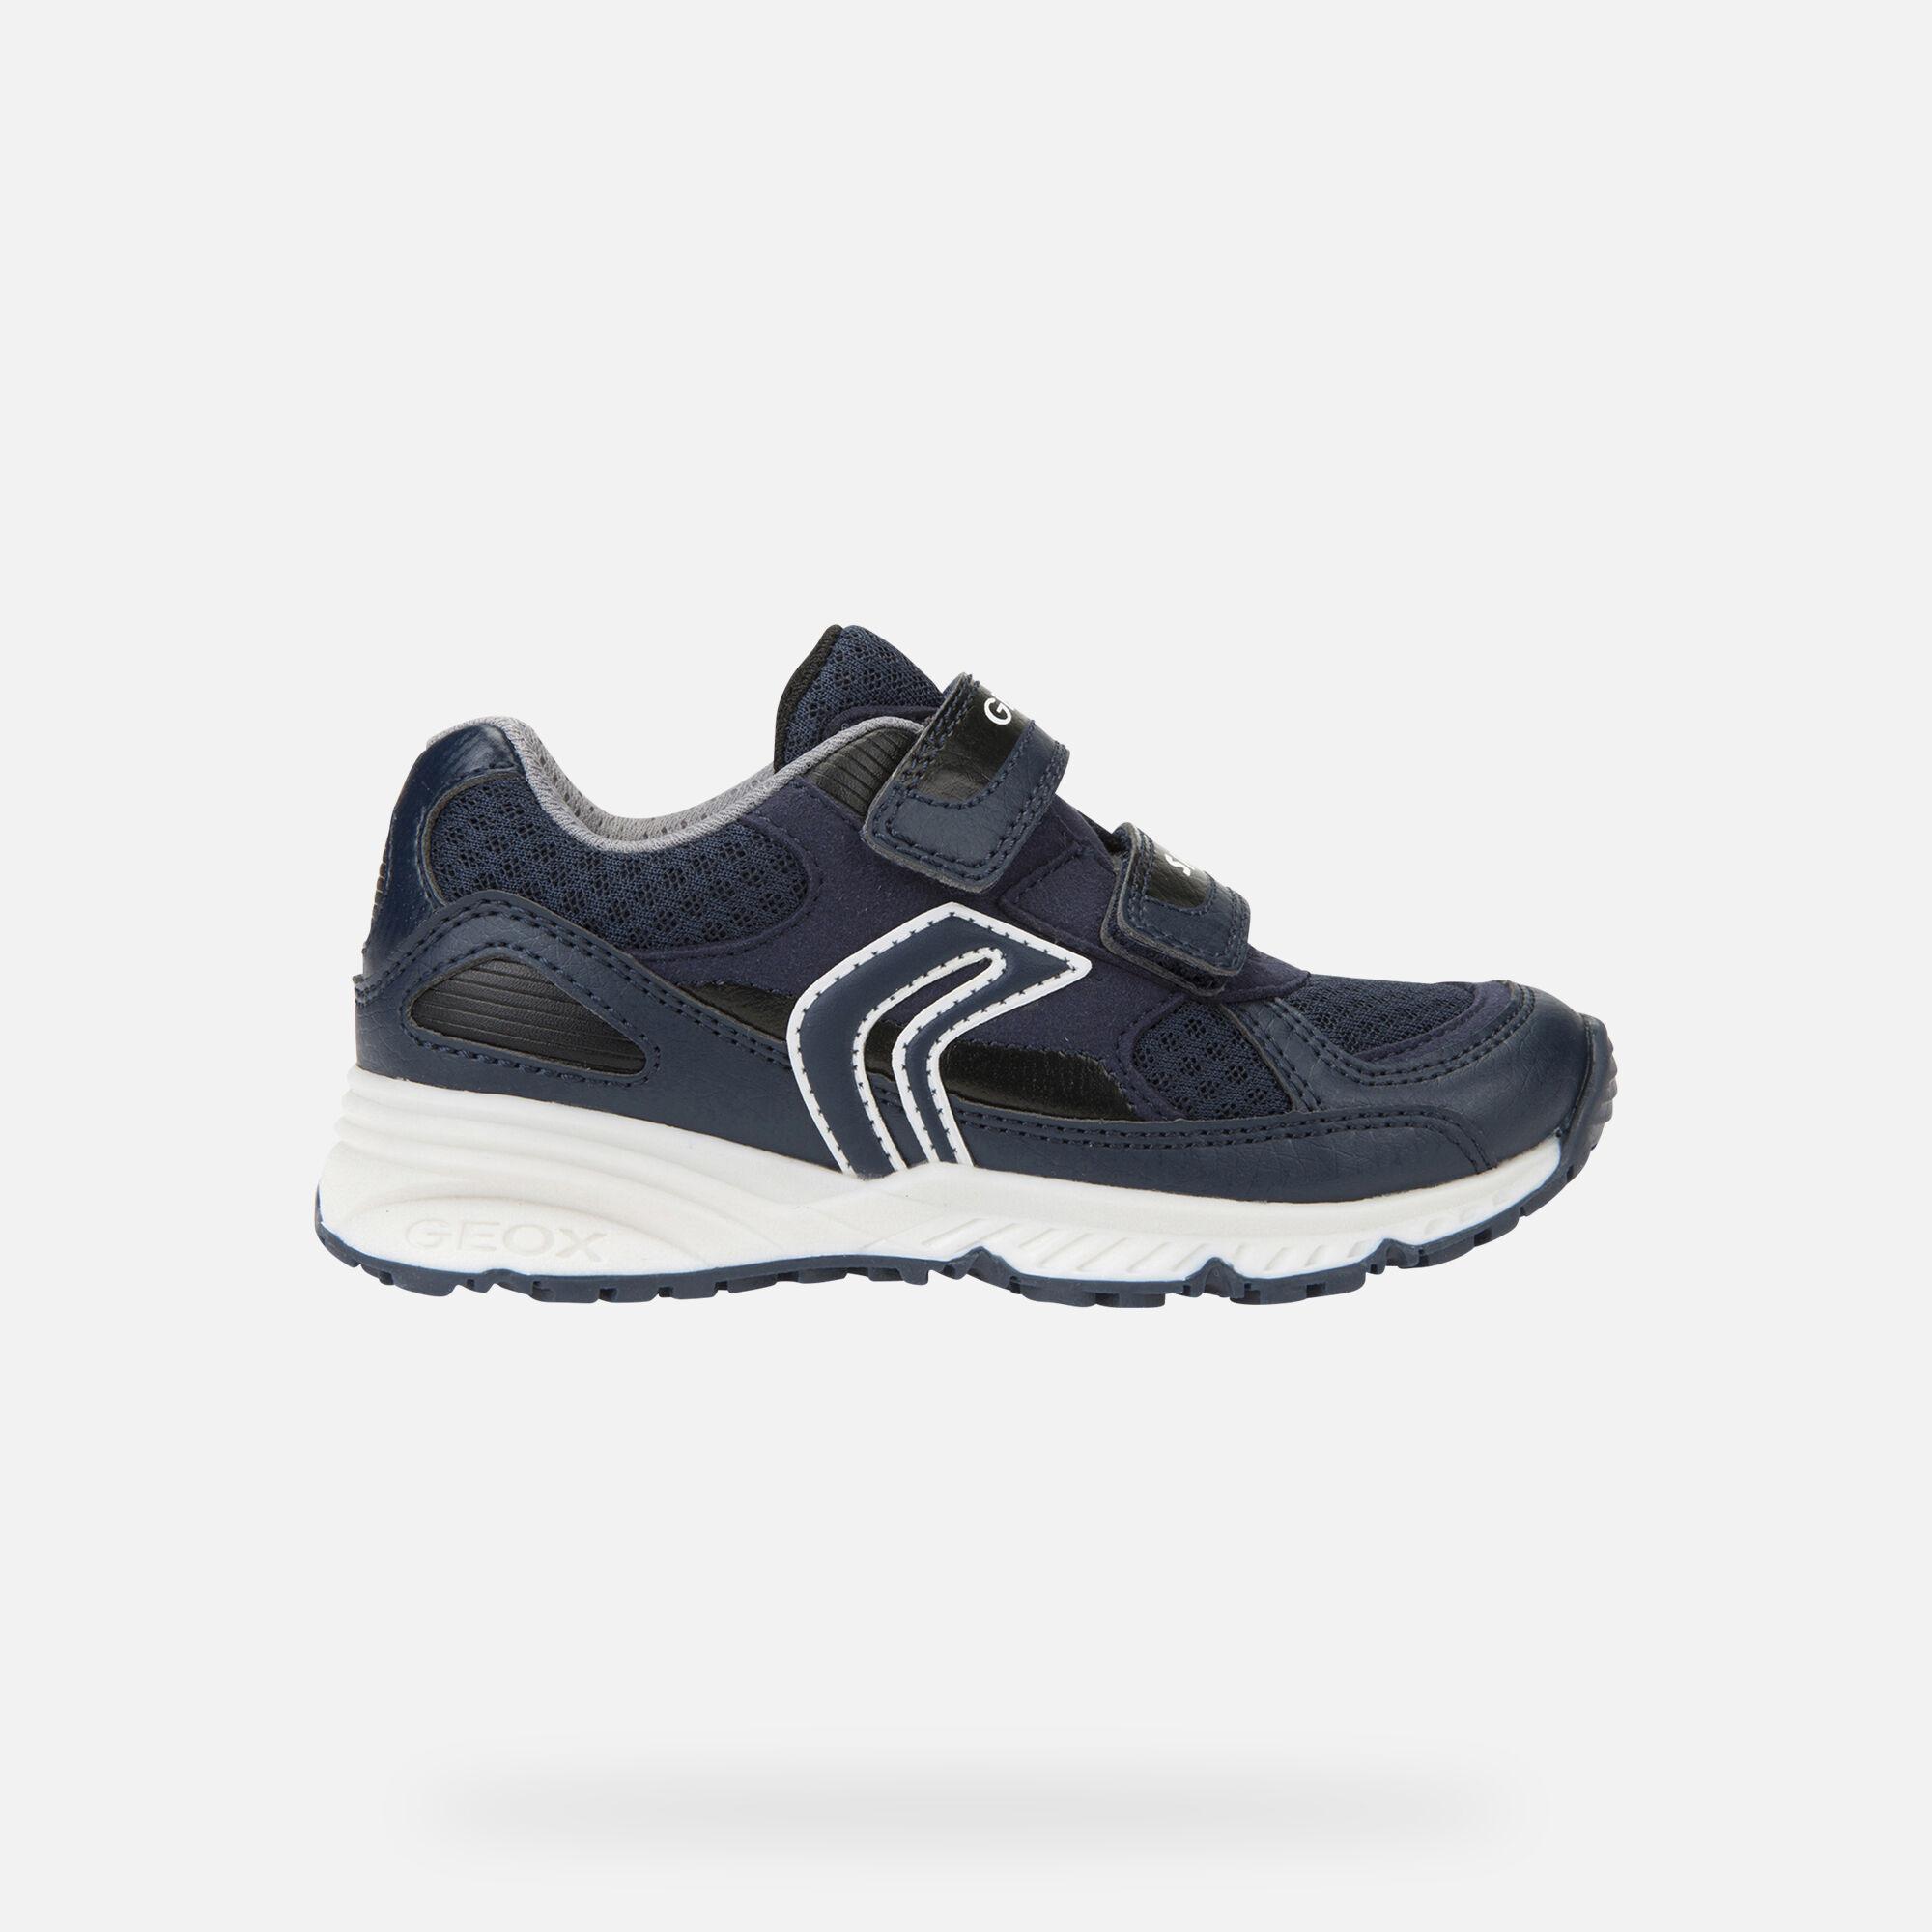 Geox J BERNIE: Blue Navy Junior Boy Sneakers | Geox